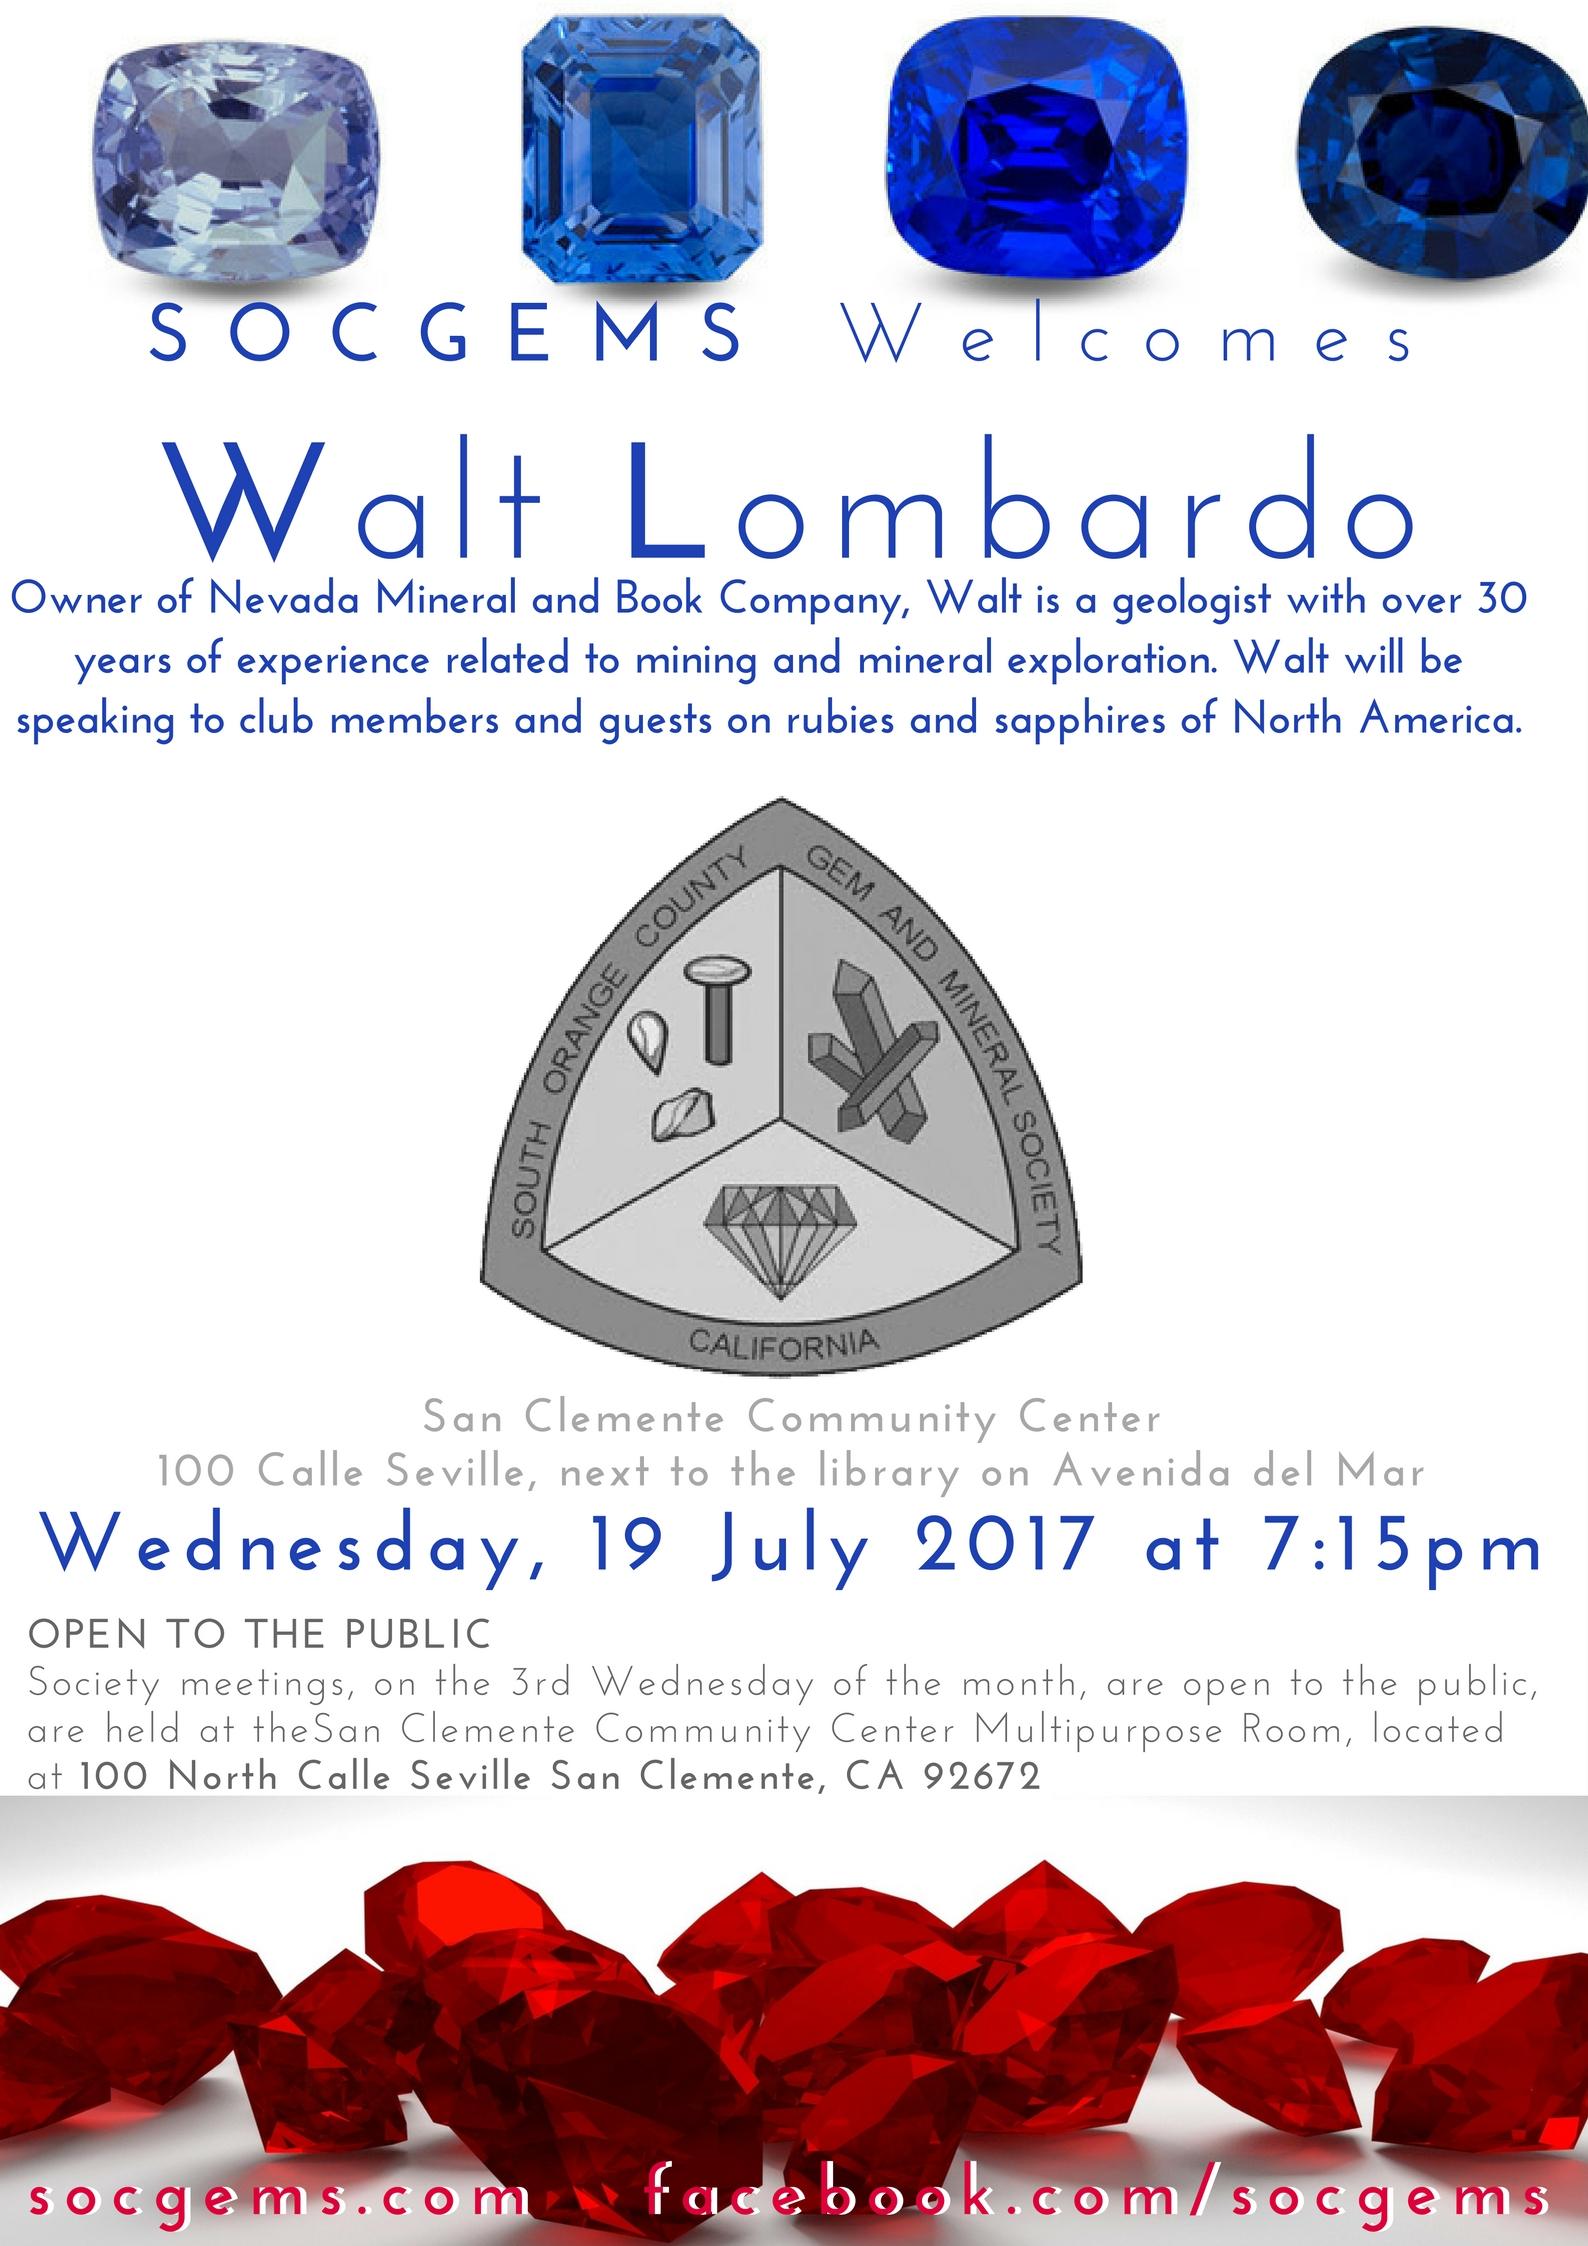 WALT LOMBARDO socgems speaker